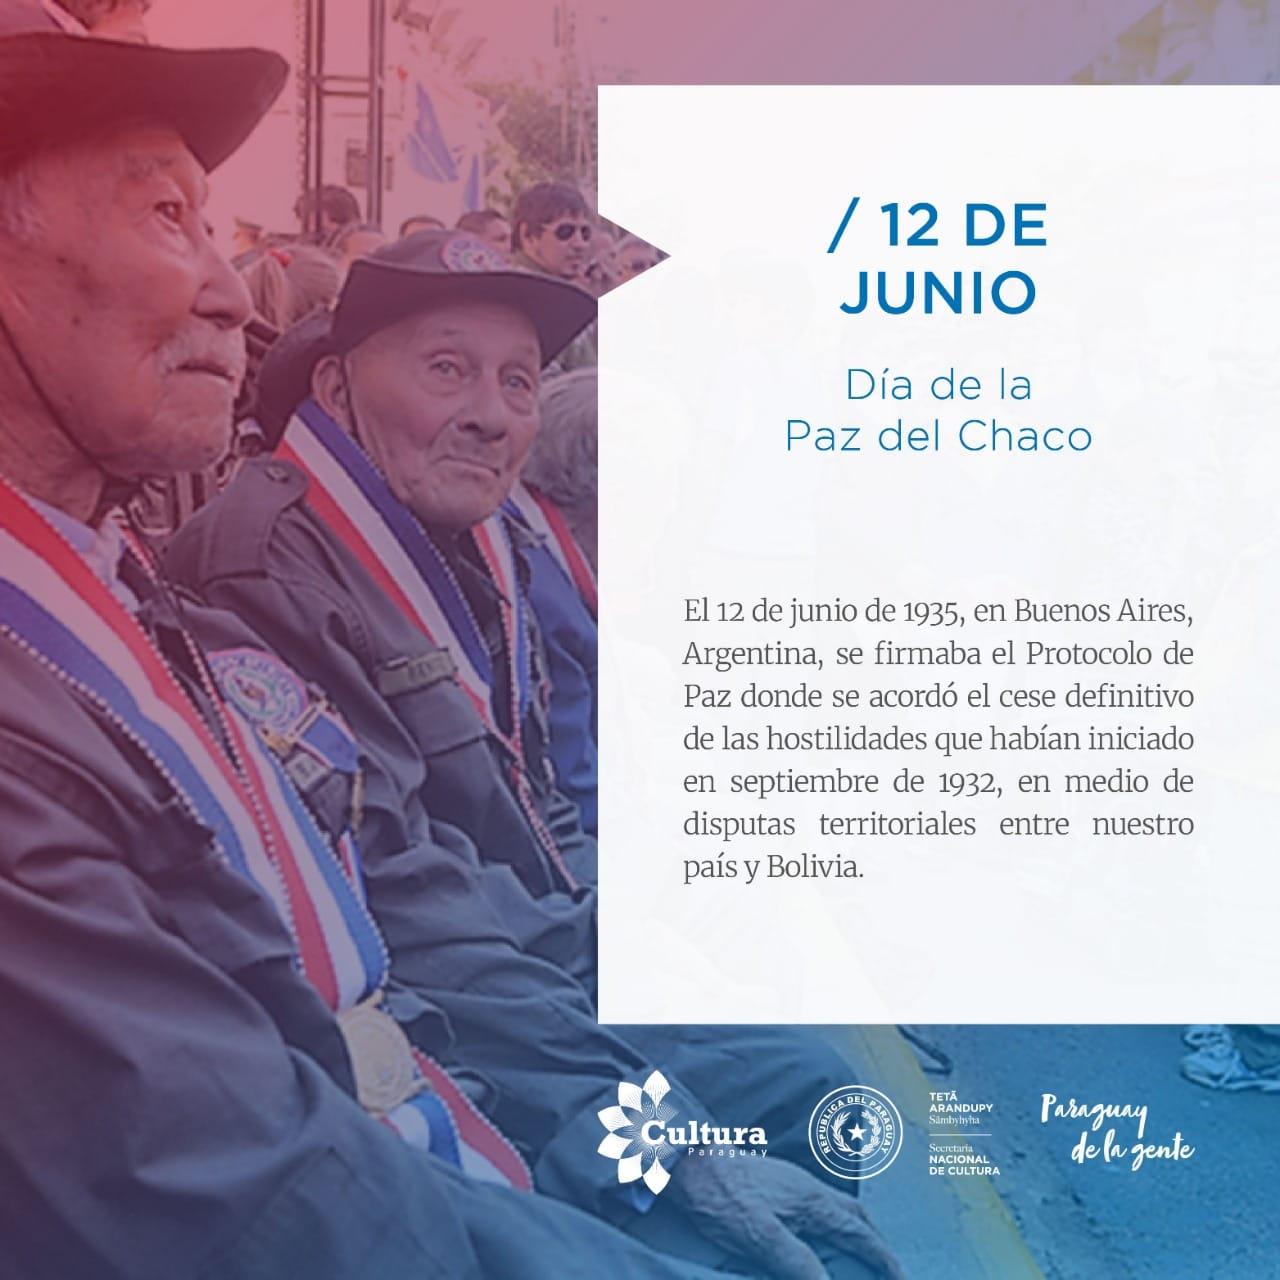 Paz del Chaco imagen